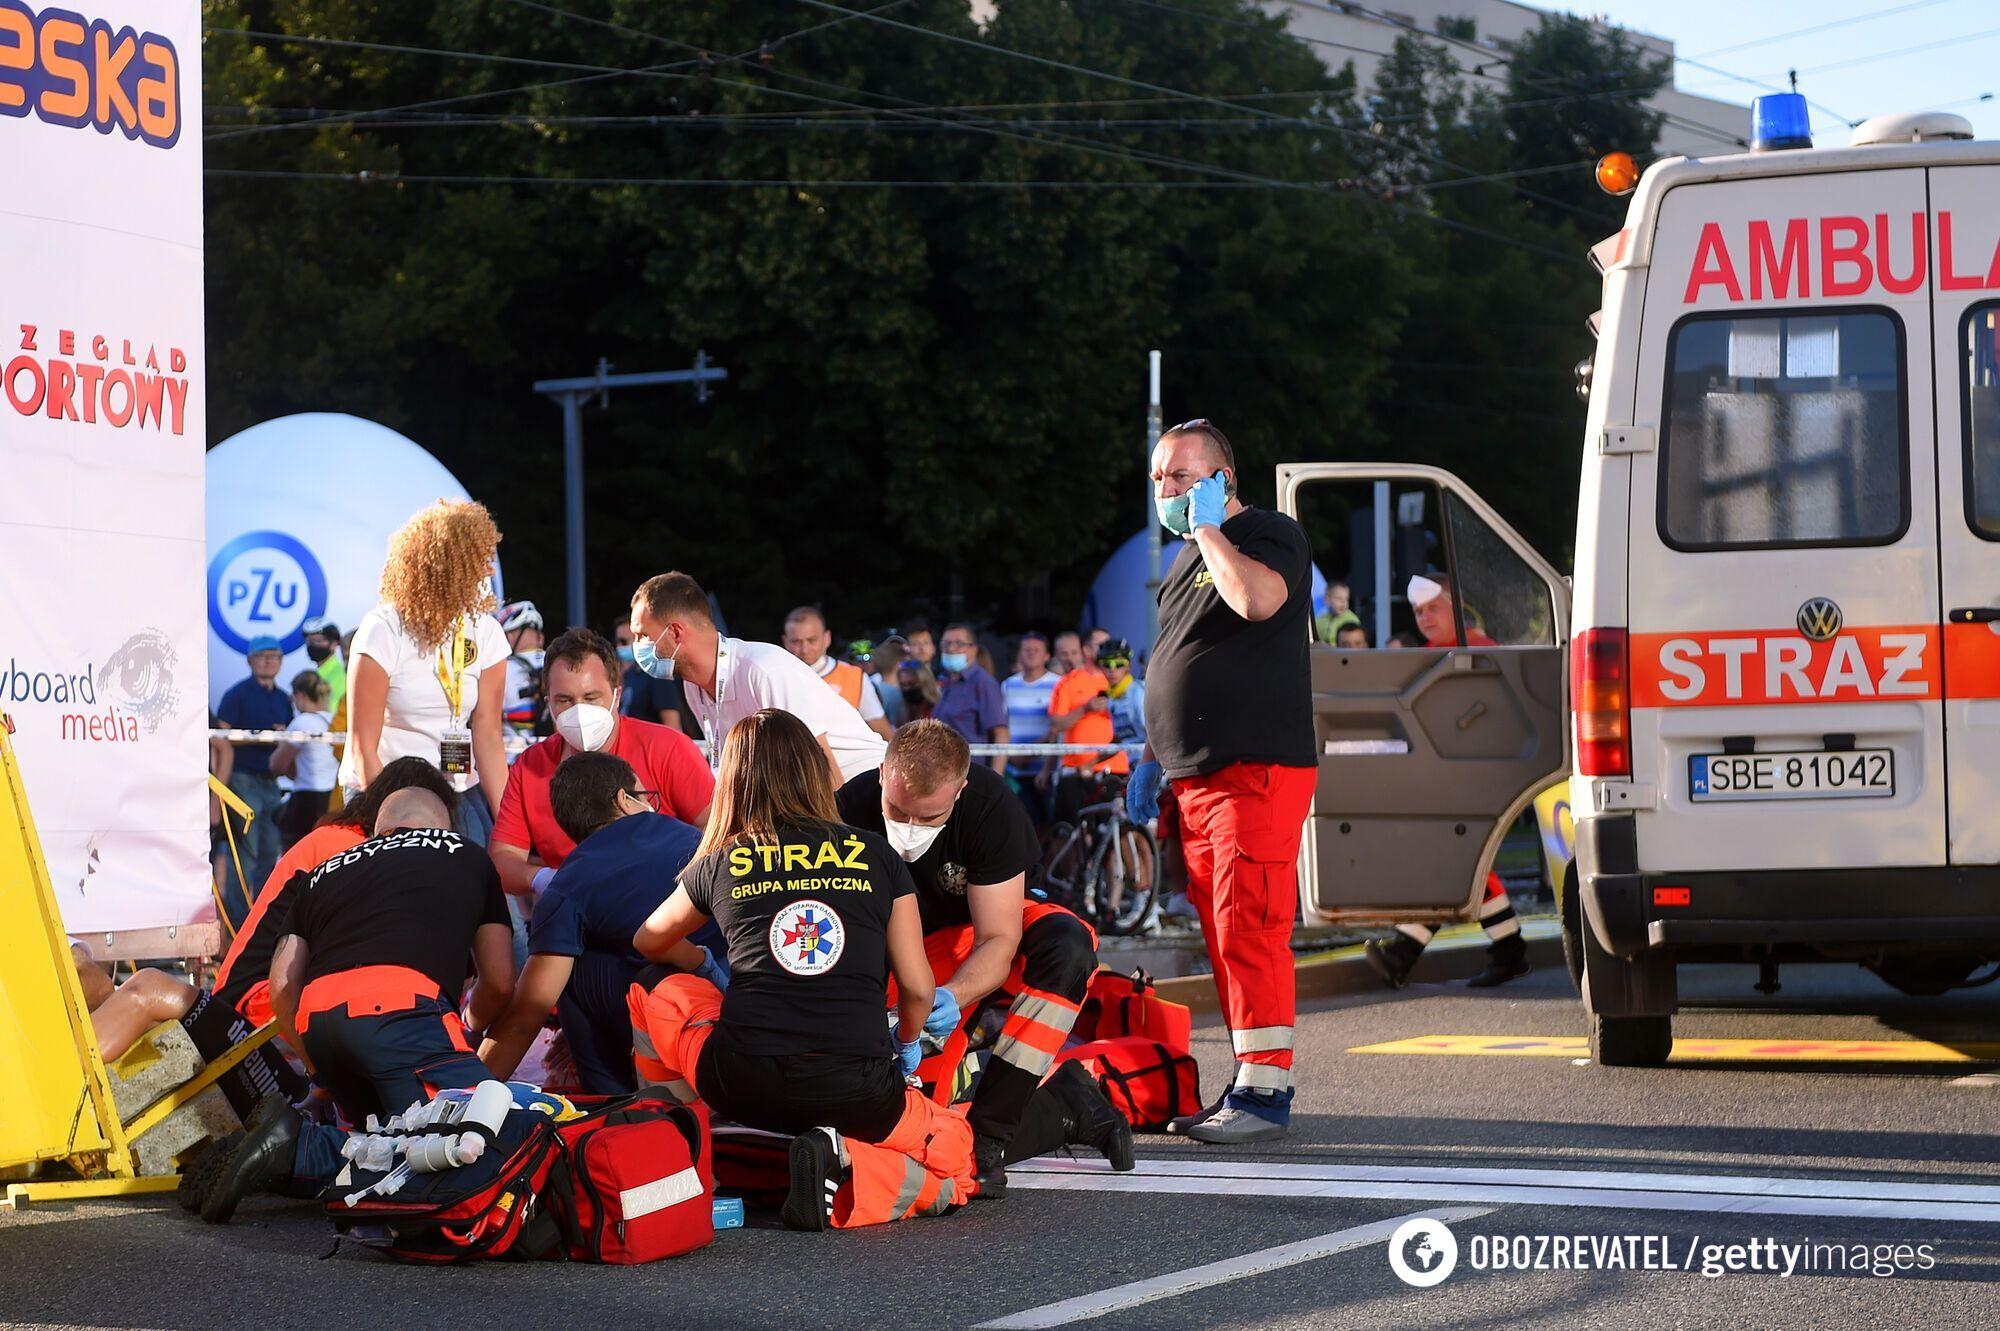 Велогонка Тур Польши: медики оказывают помощь пострадавшим